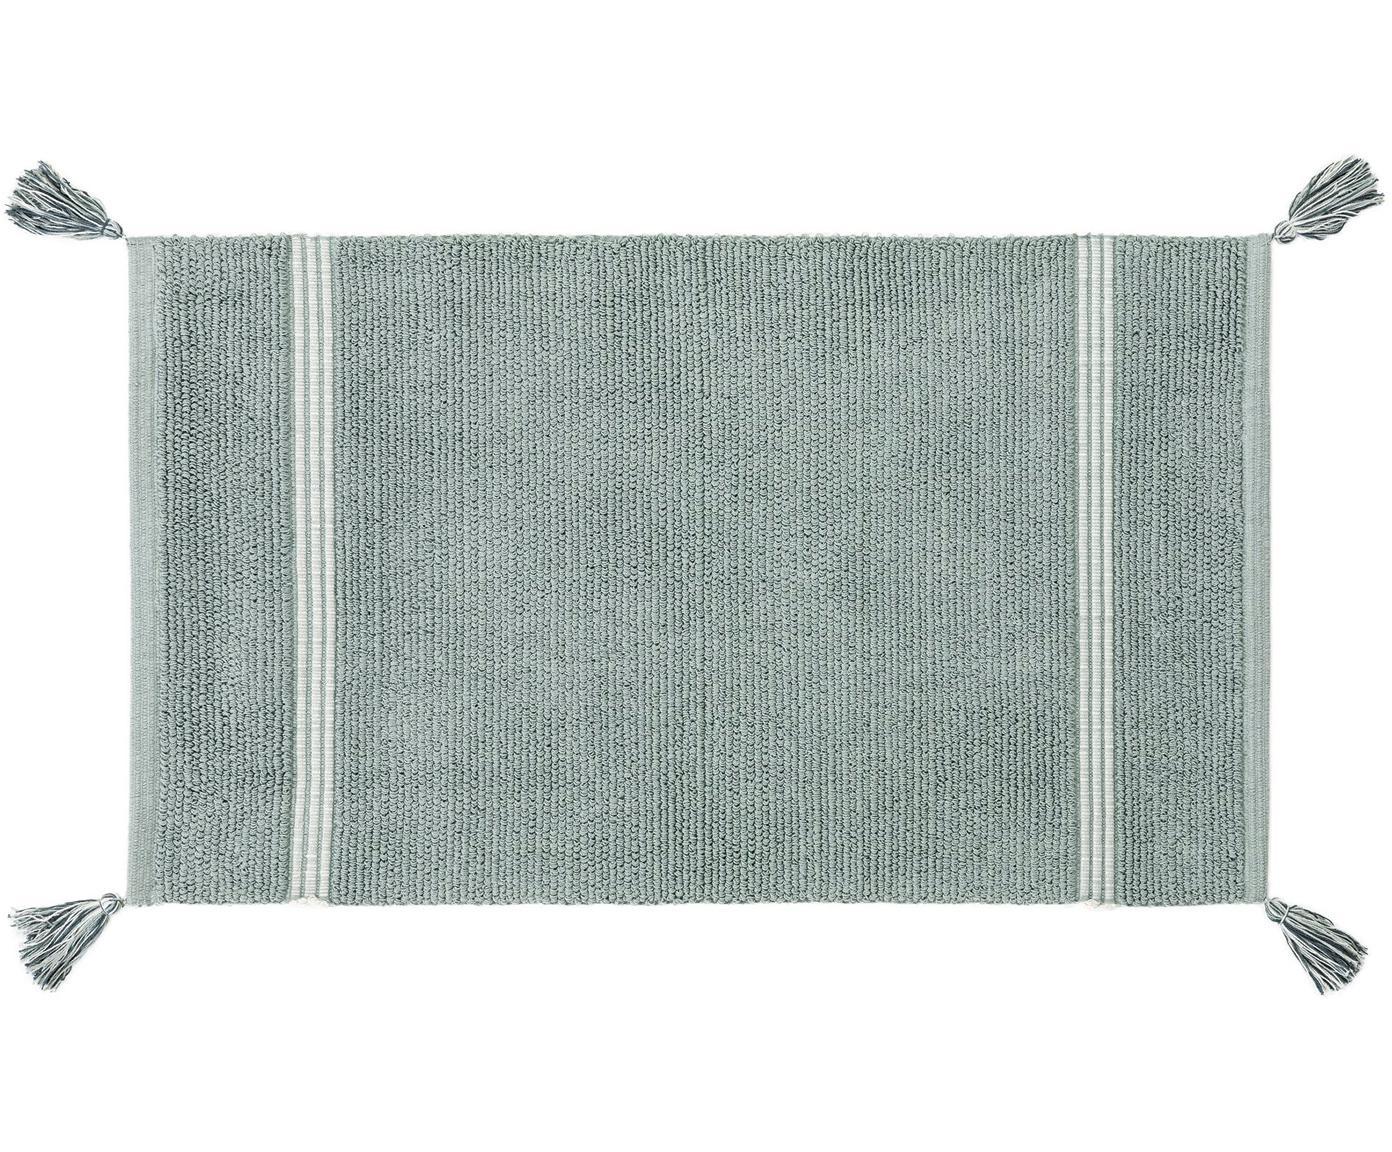 Dywanik łazienkowy  z chwostami Dust, 100% bawełna, Miętowy, S 50 x D 85 cm